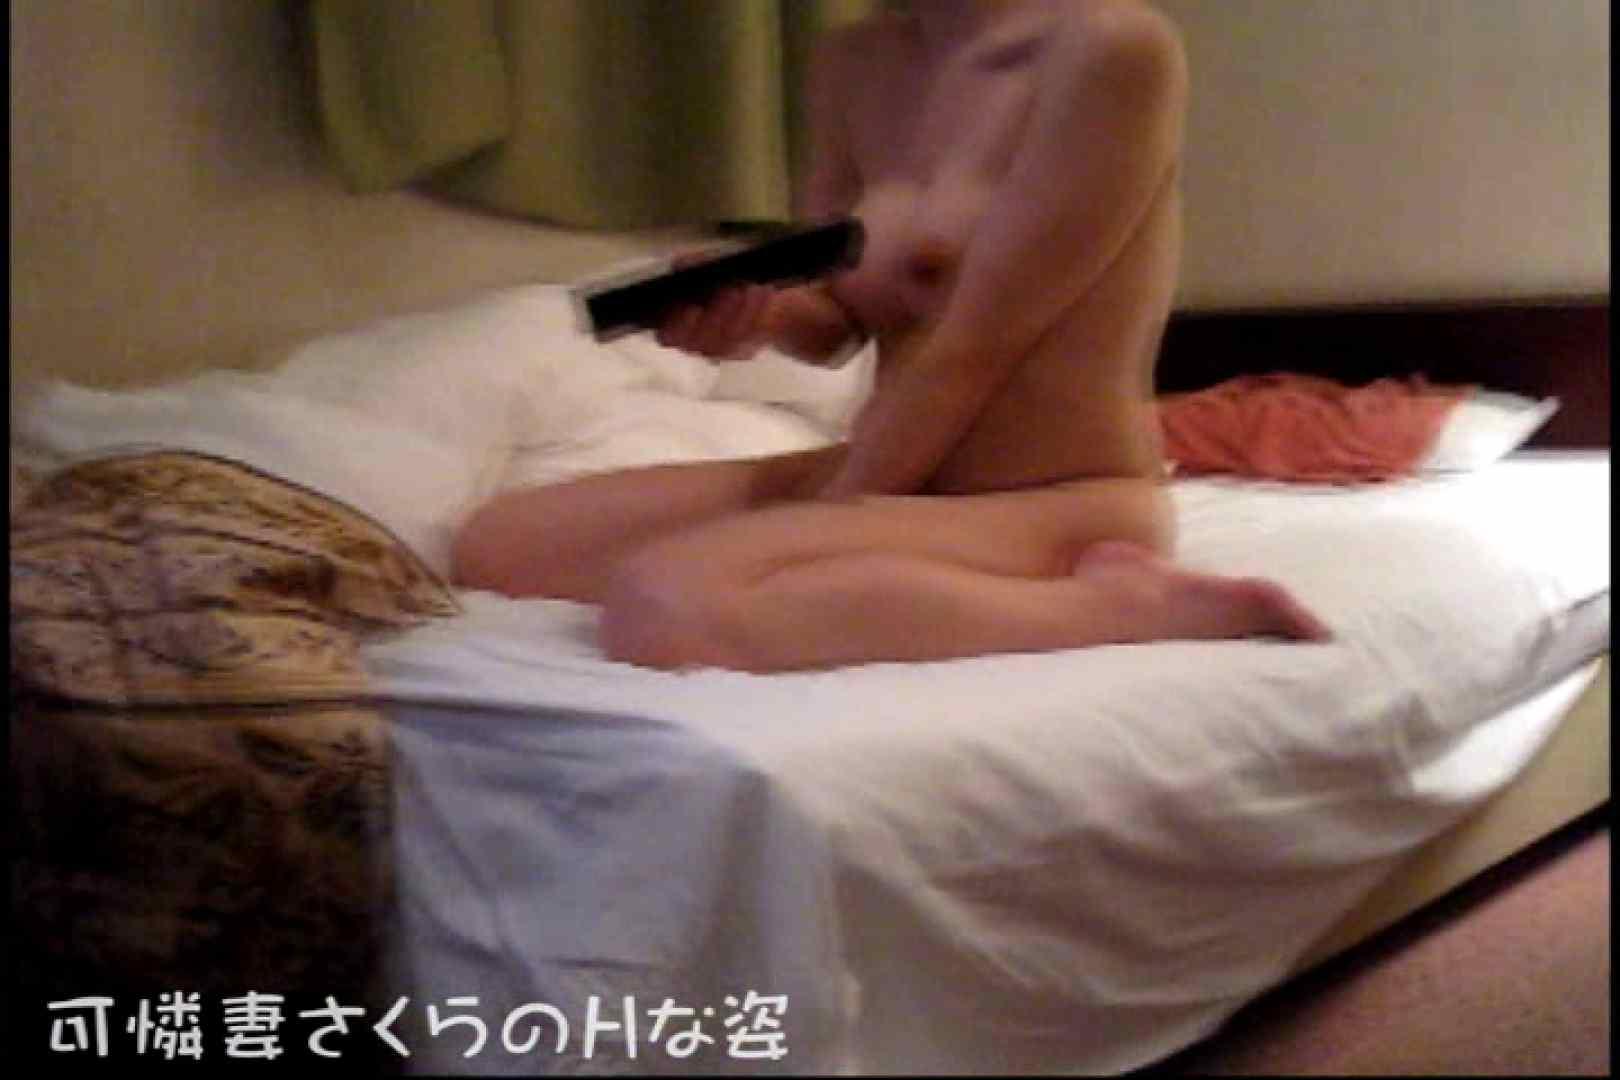 可憐妻さくらのHな姿vol.5前編 エッチな熟女 | セックス映像  50pic 1